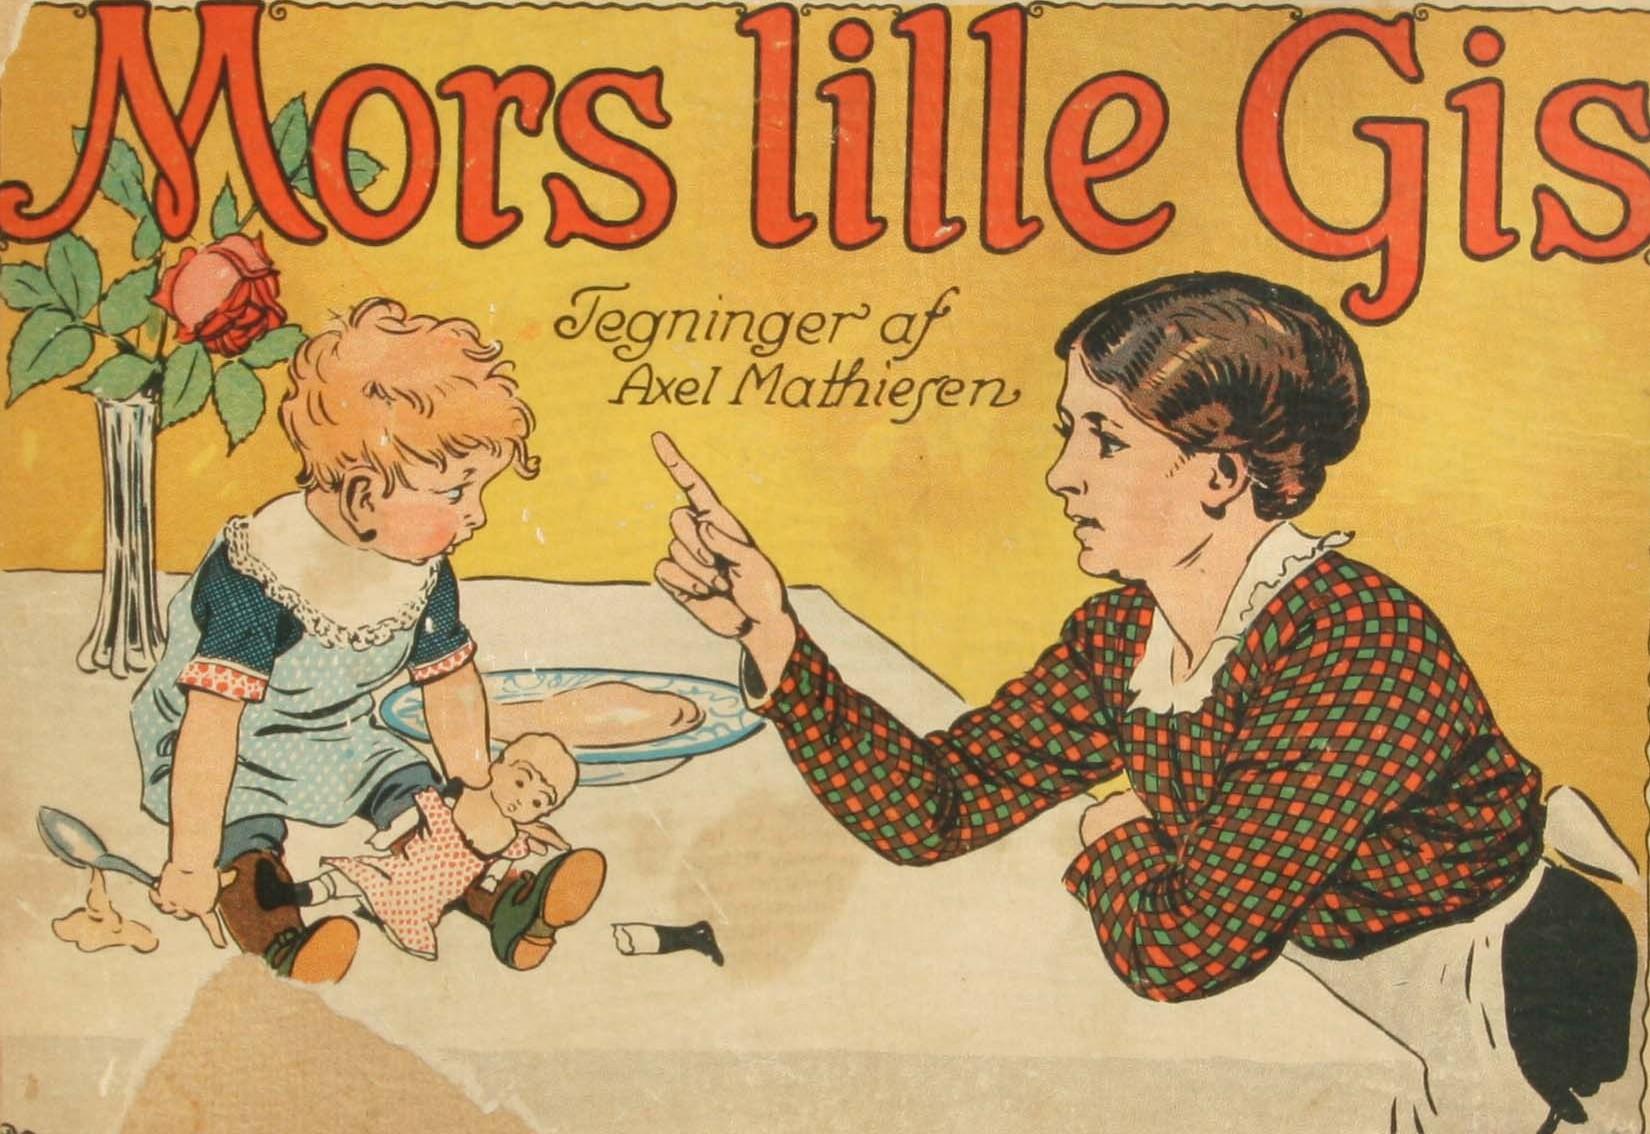 Mors lille gis - billedbog